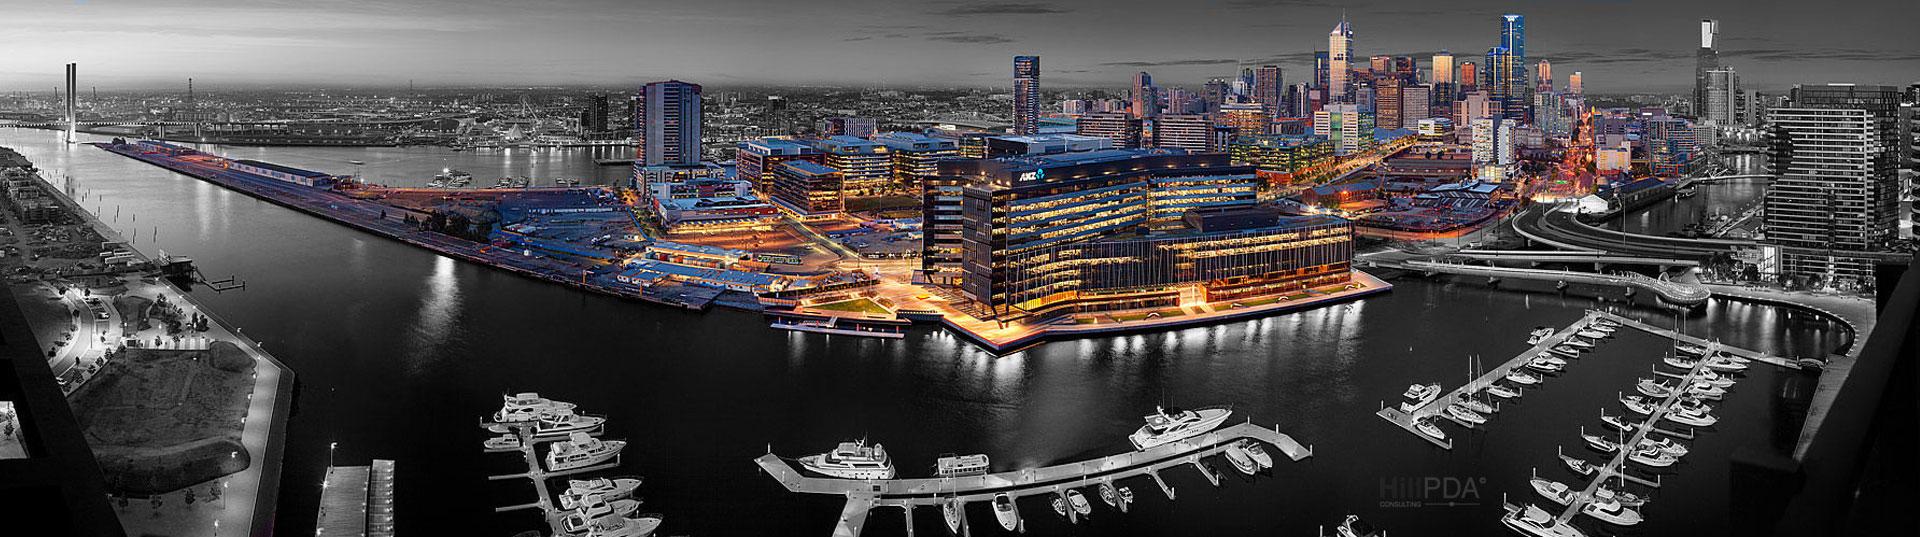 city-dock3